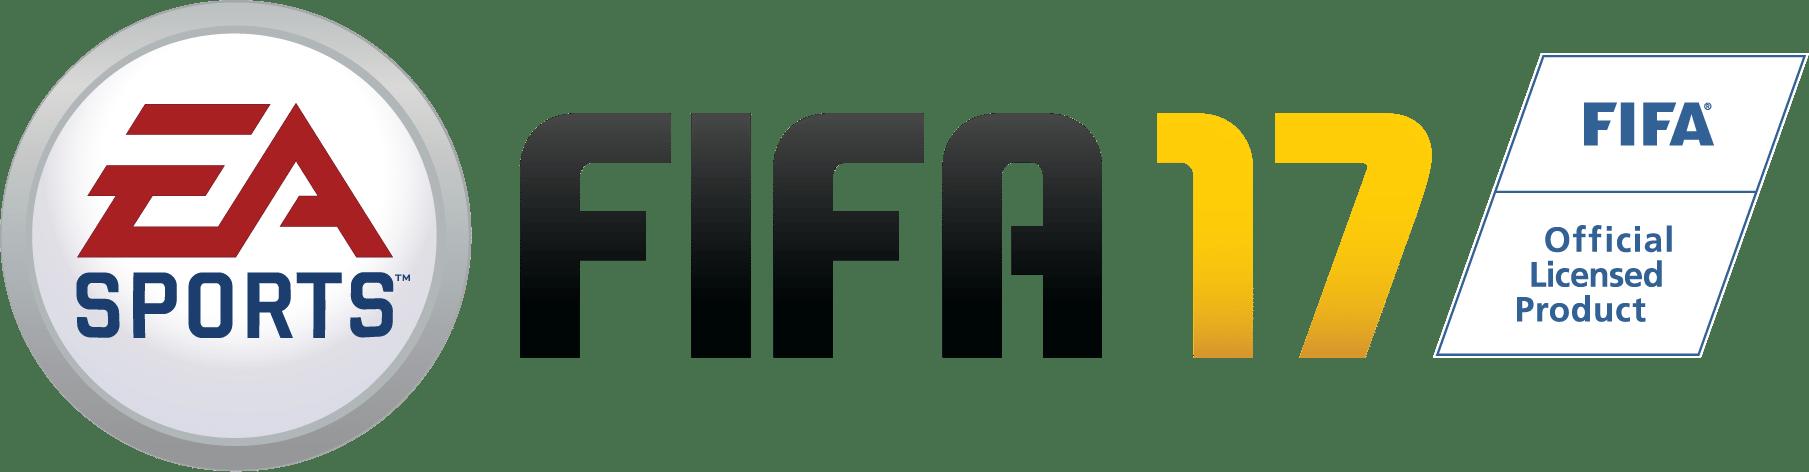 FIFA17 eSports